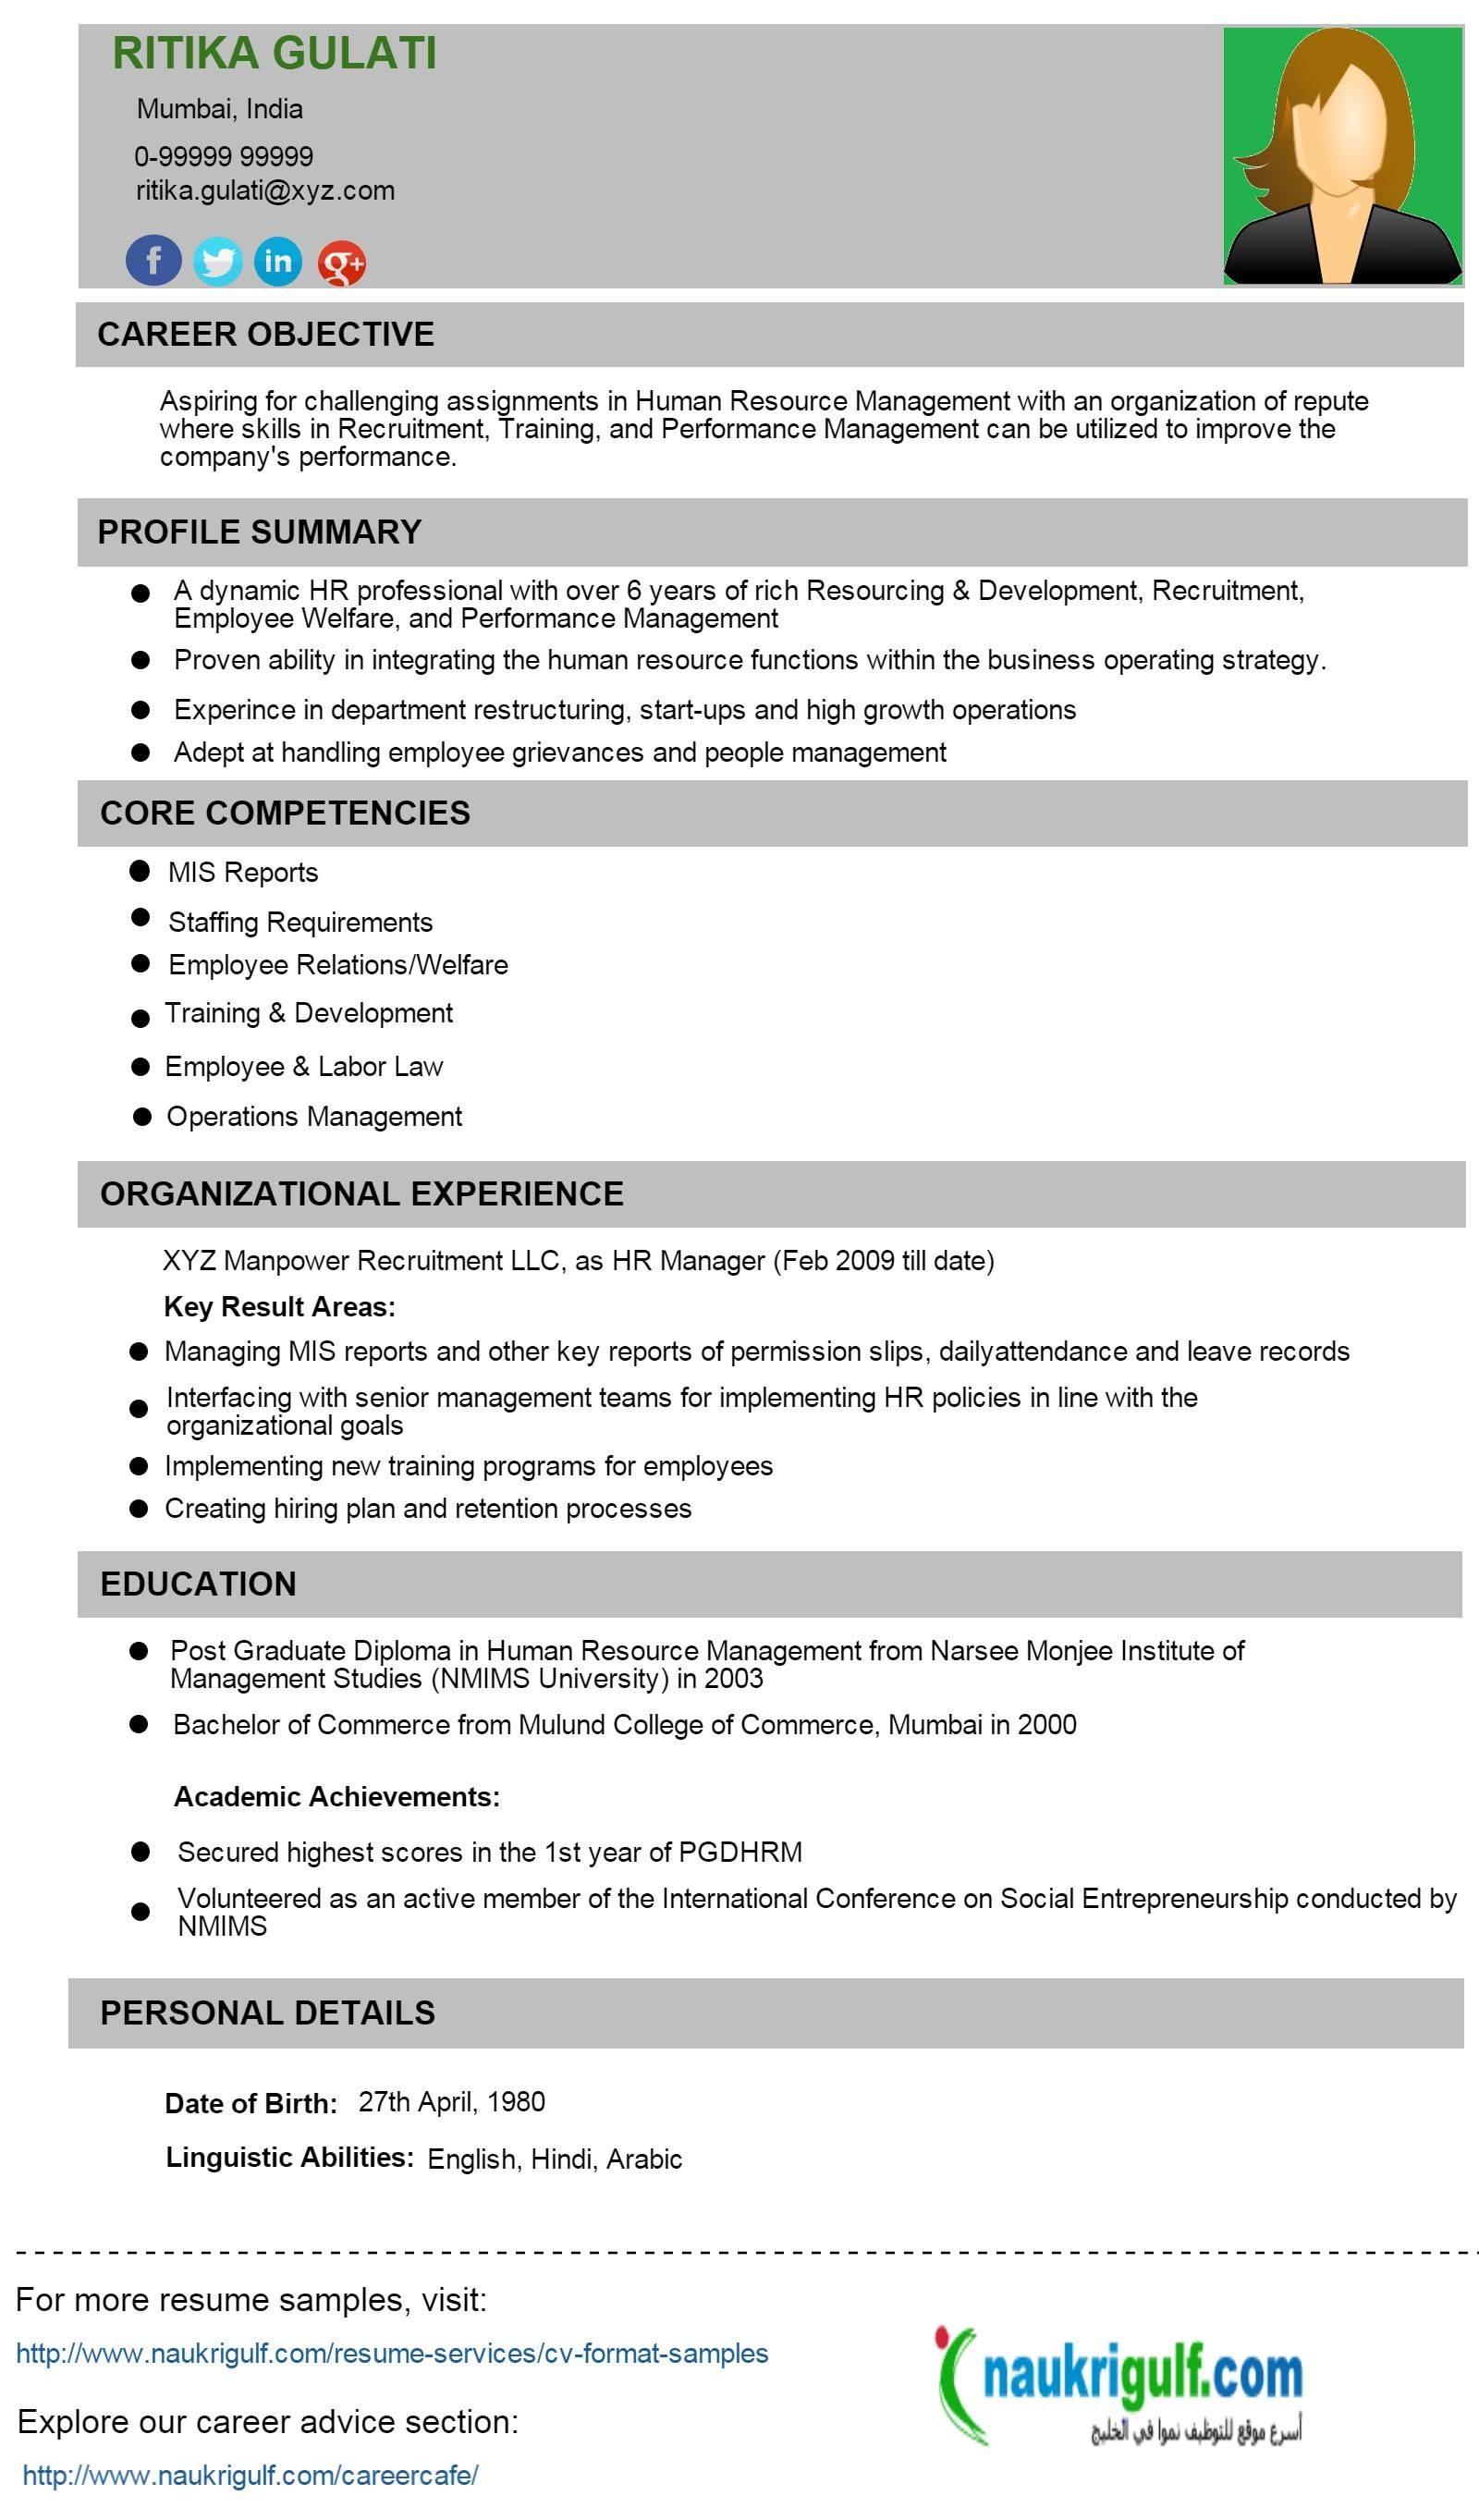 Image Result For Cv Format Zed Resume Format Resume Resume